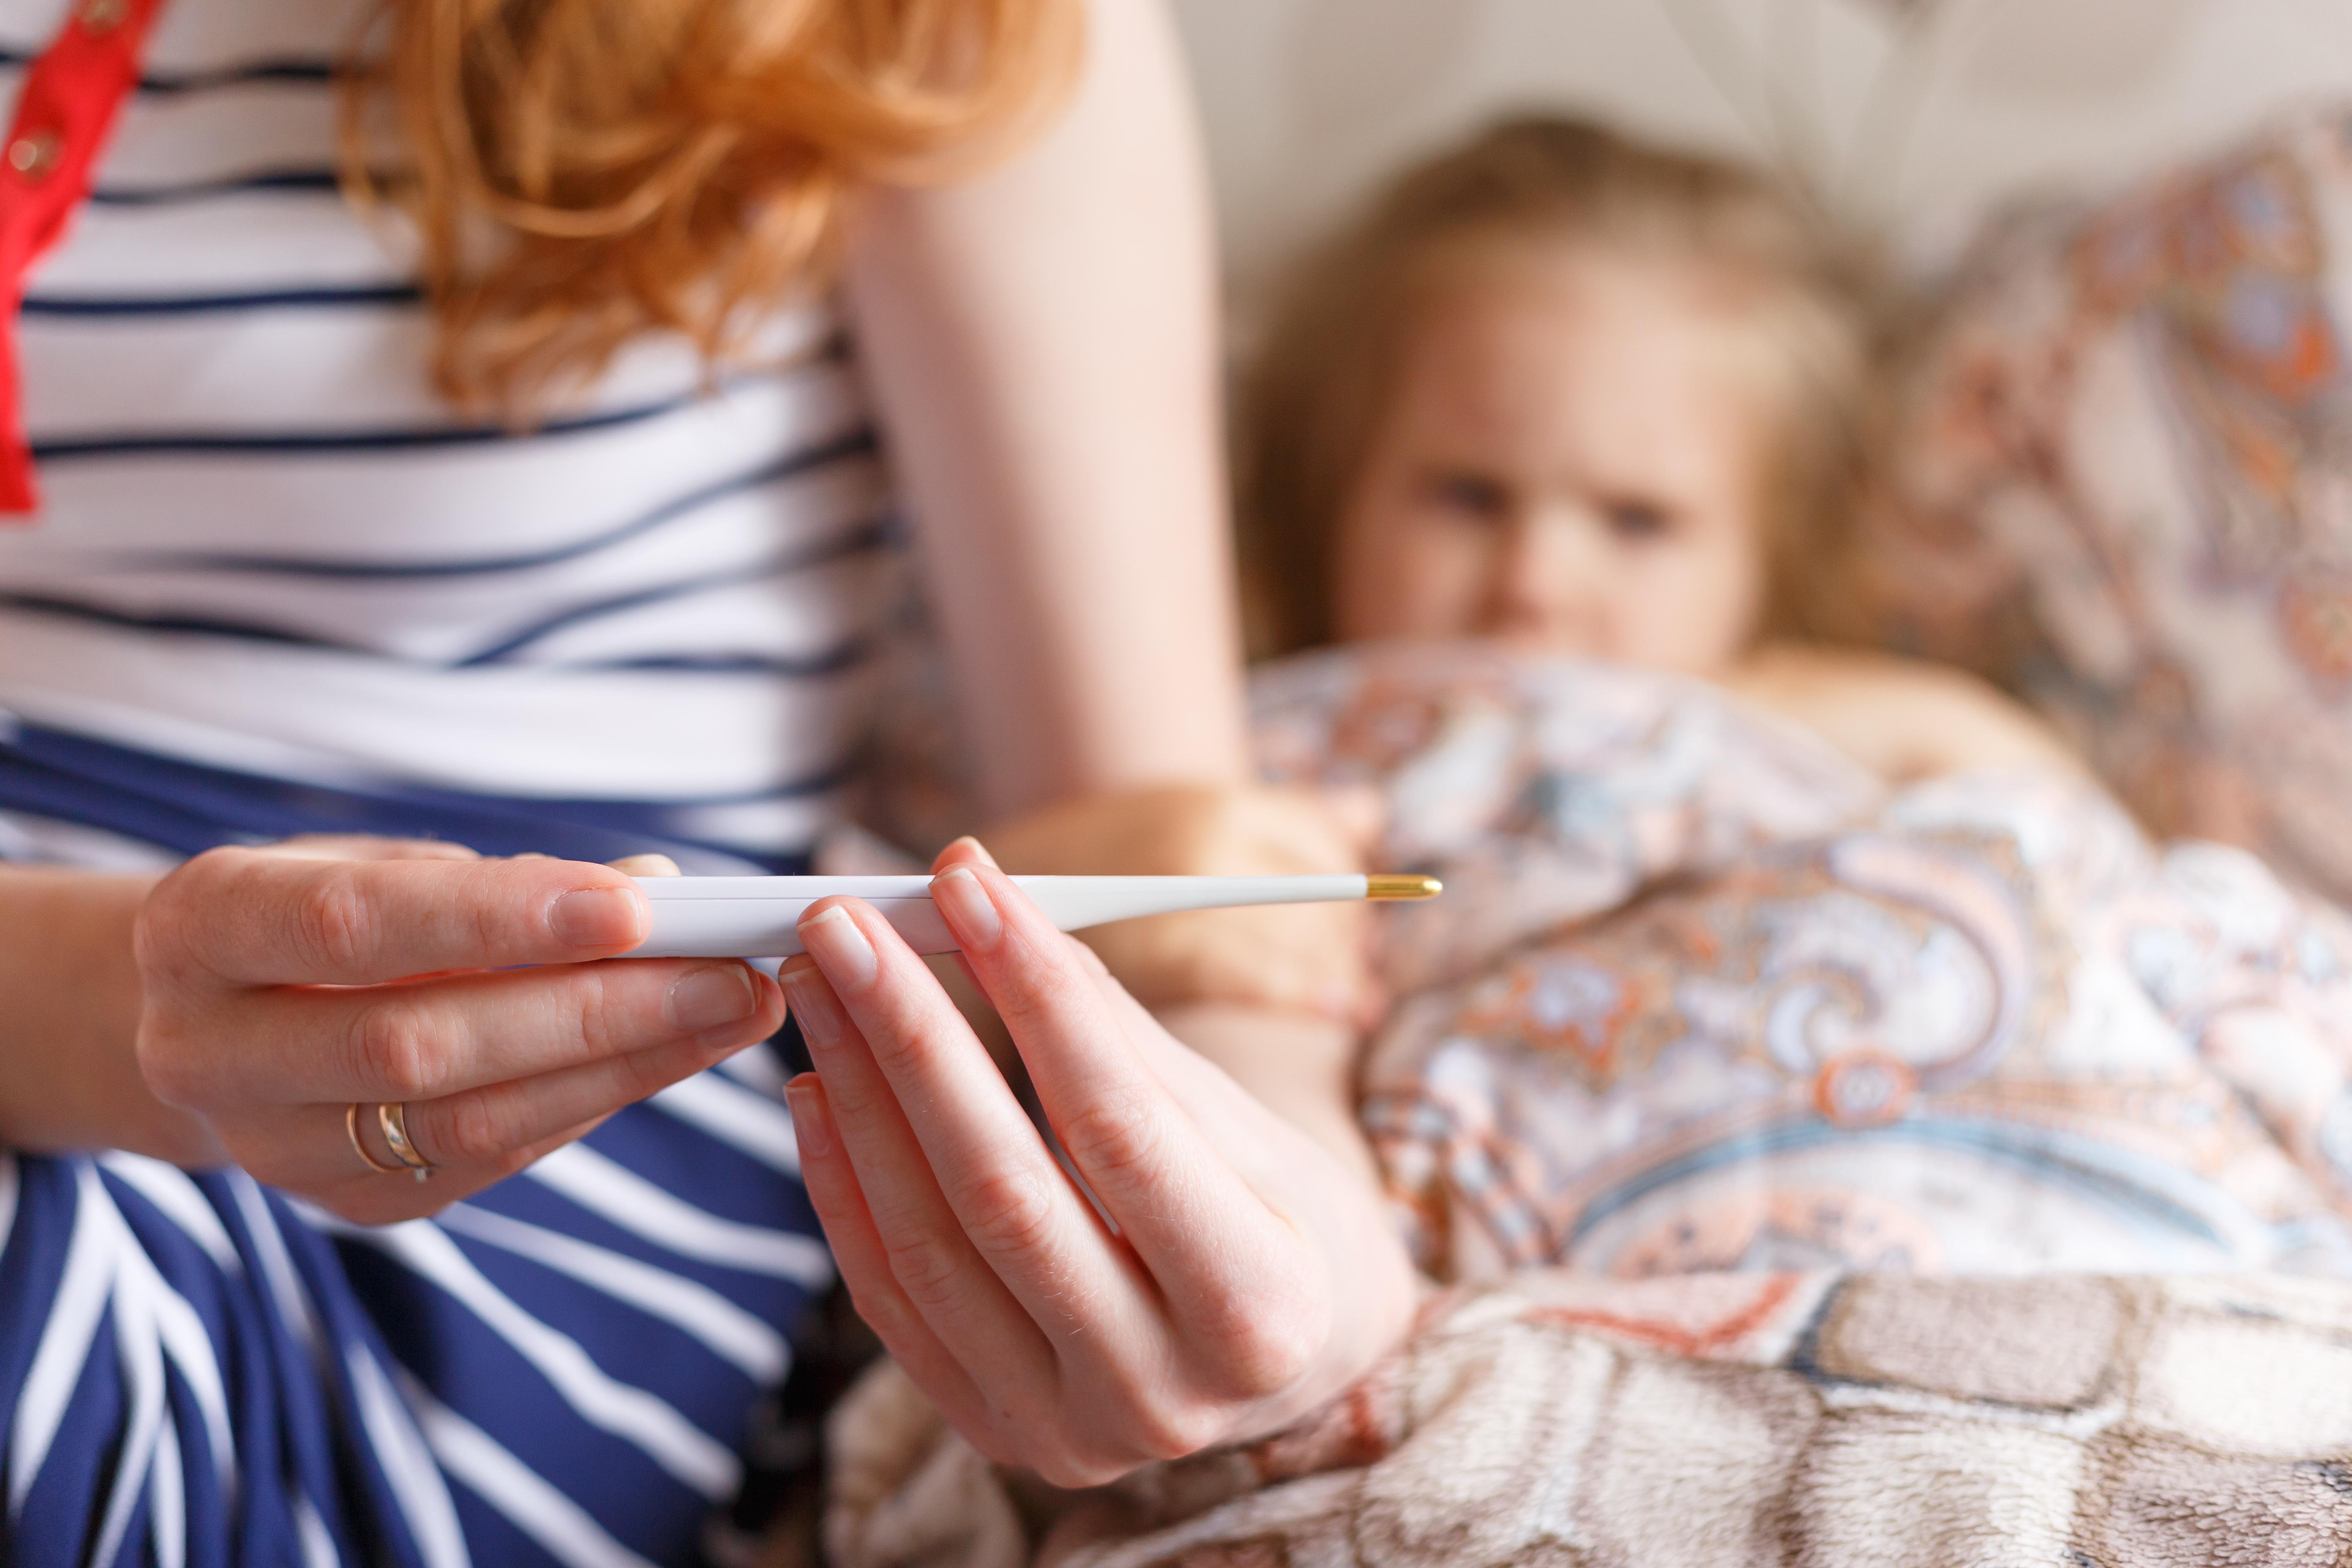 Plano de saúde para crianças: veja o que é importante em um plano de saúde para crianças